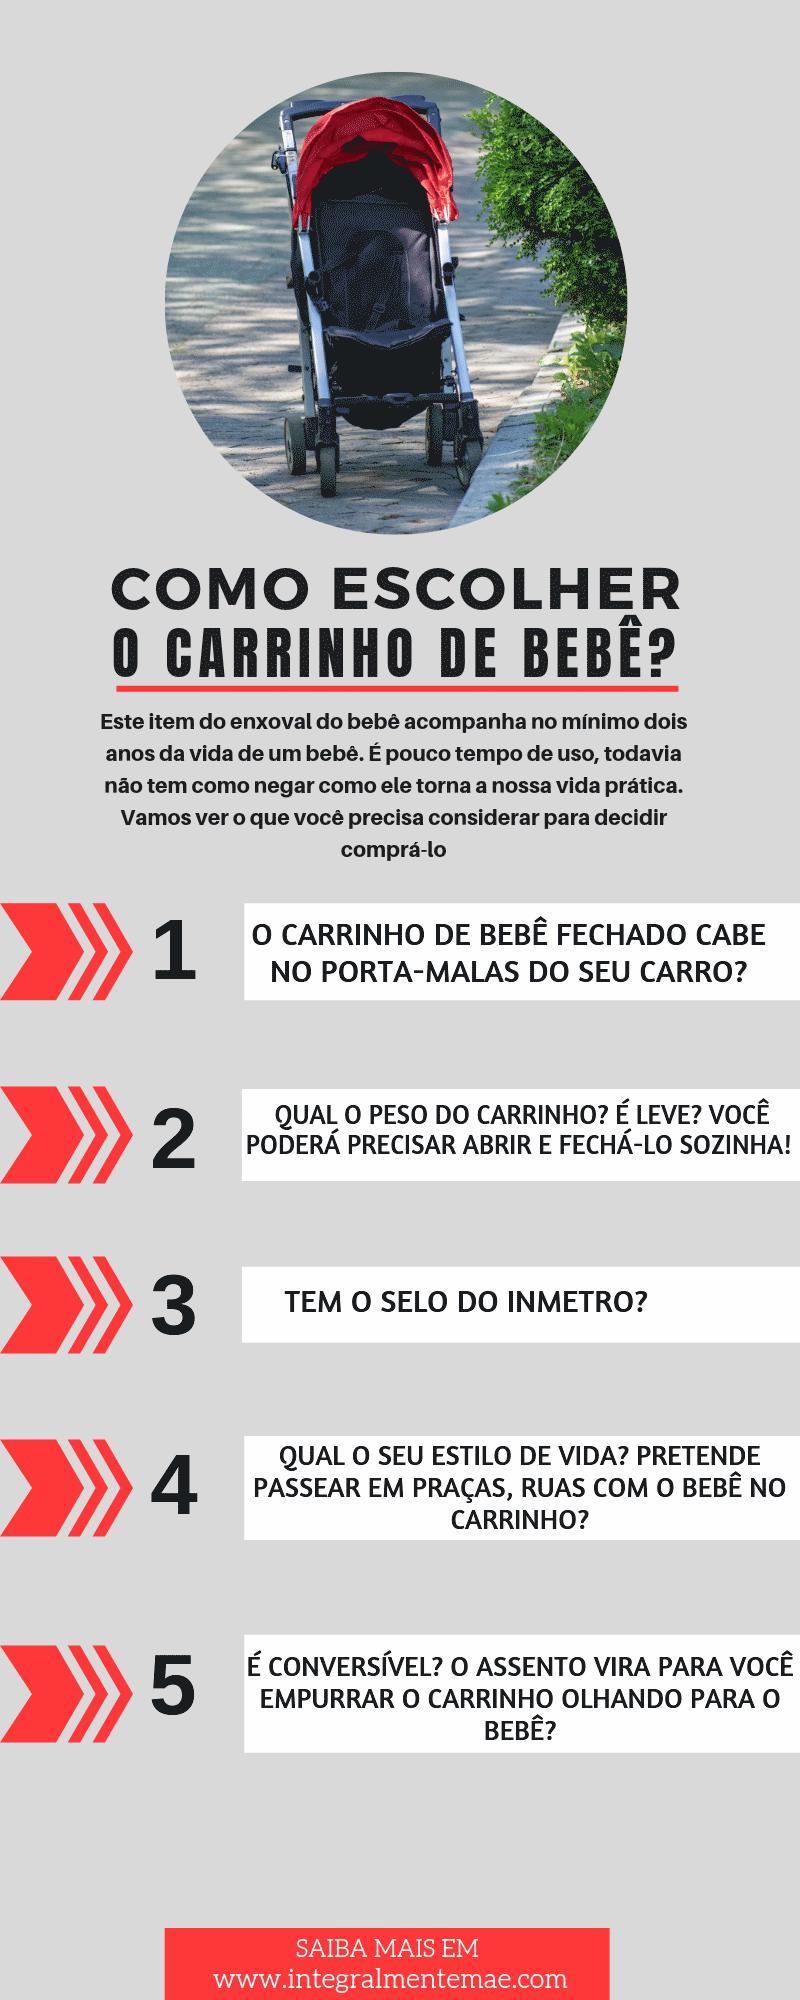 COMO-ESCOLHER-O-CARRINHO-DE-BEBÊ